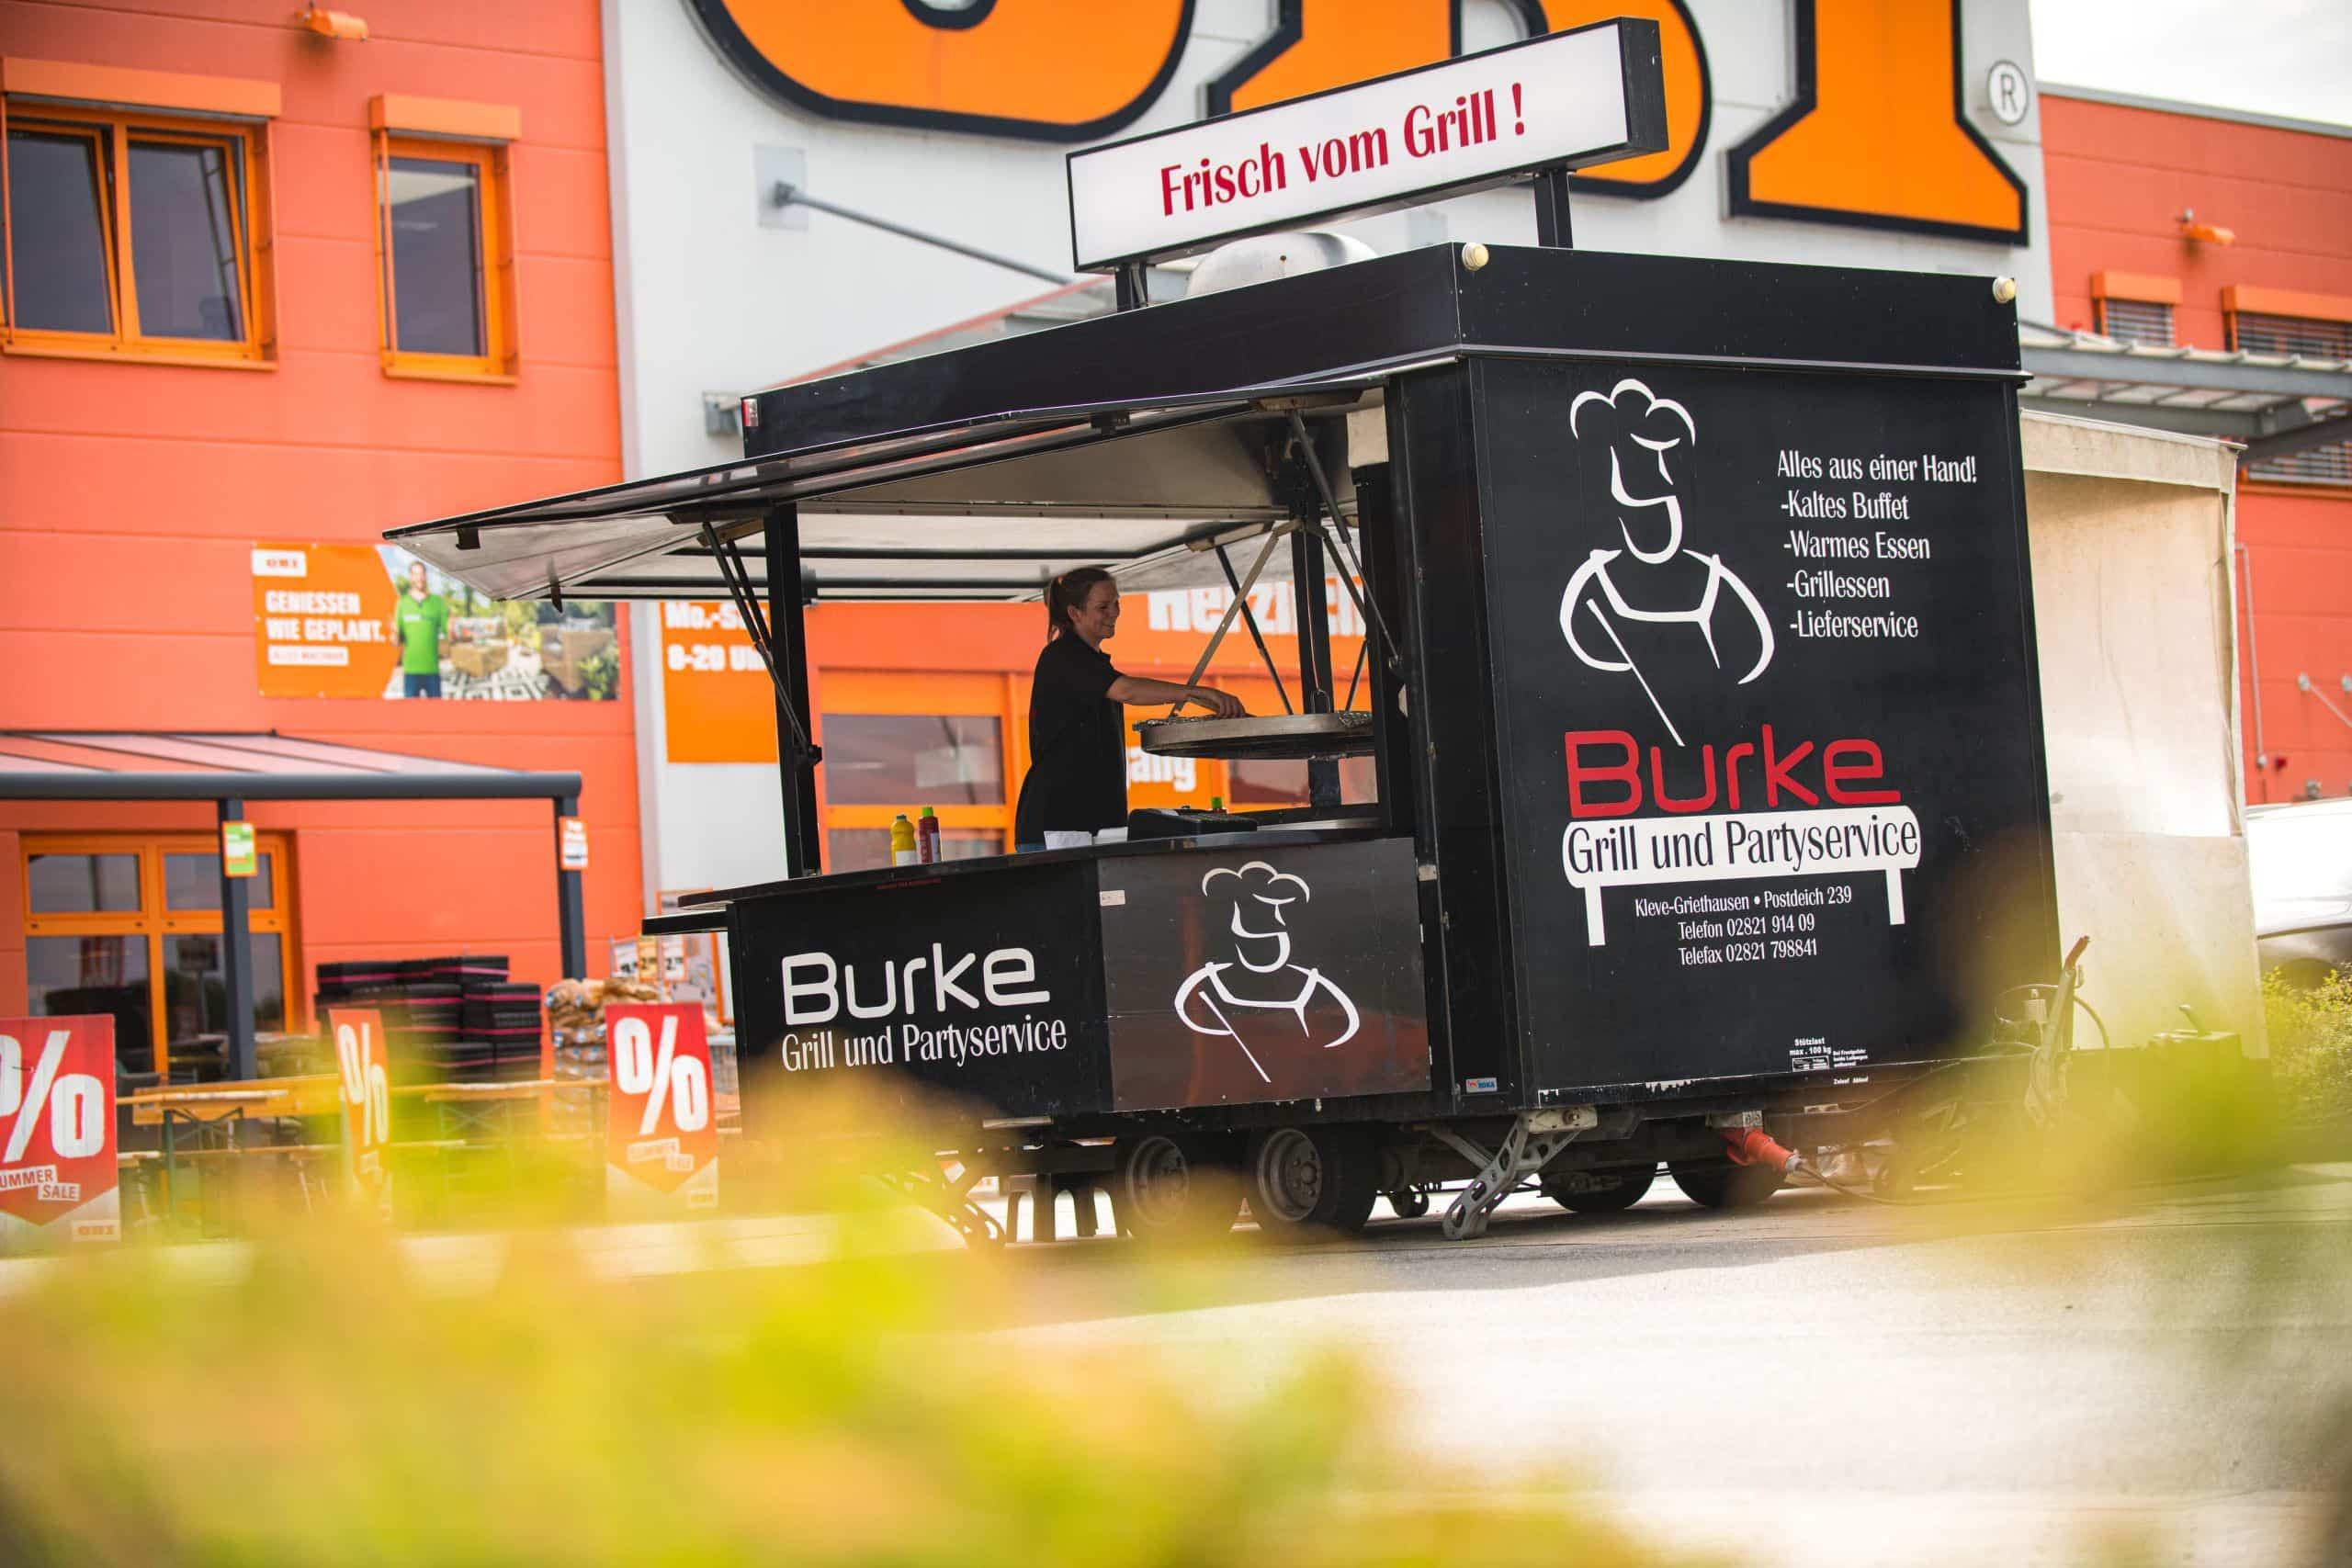 Grillwagen Grill- und Partyservice Burke